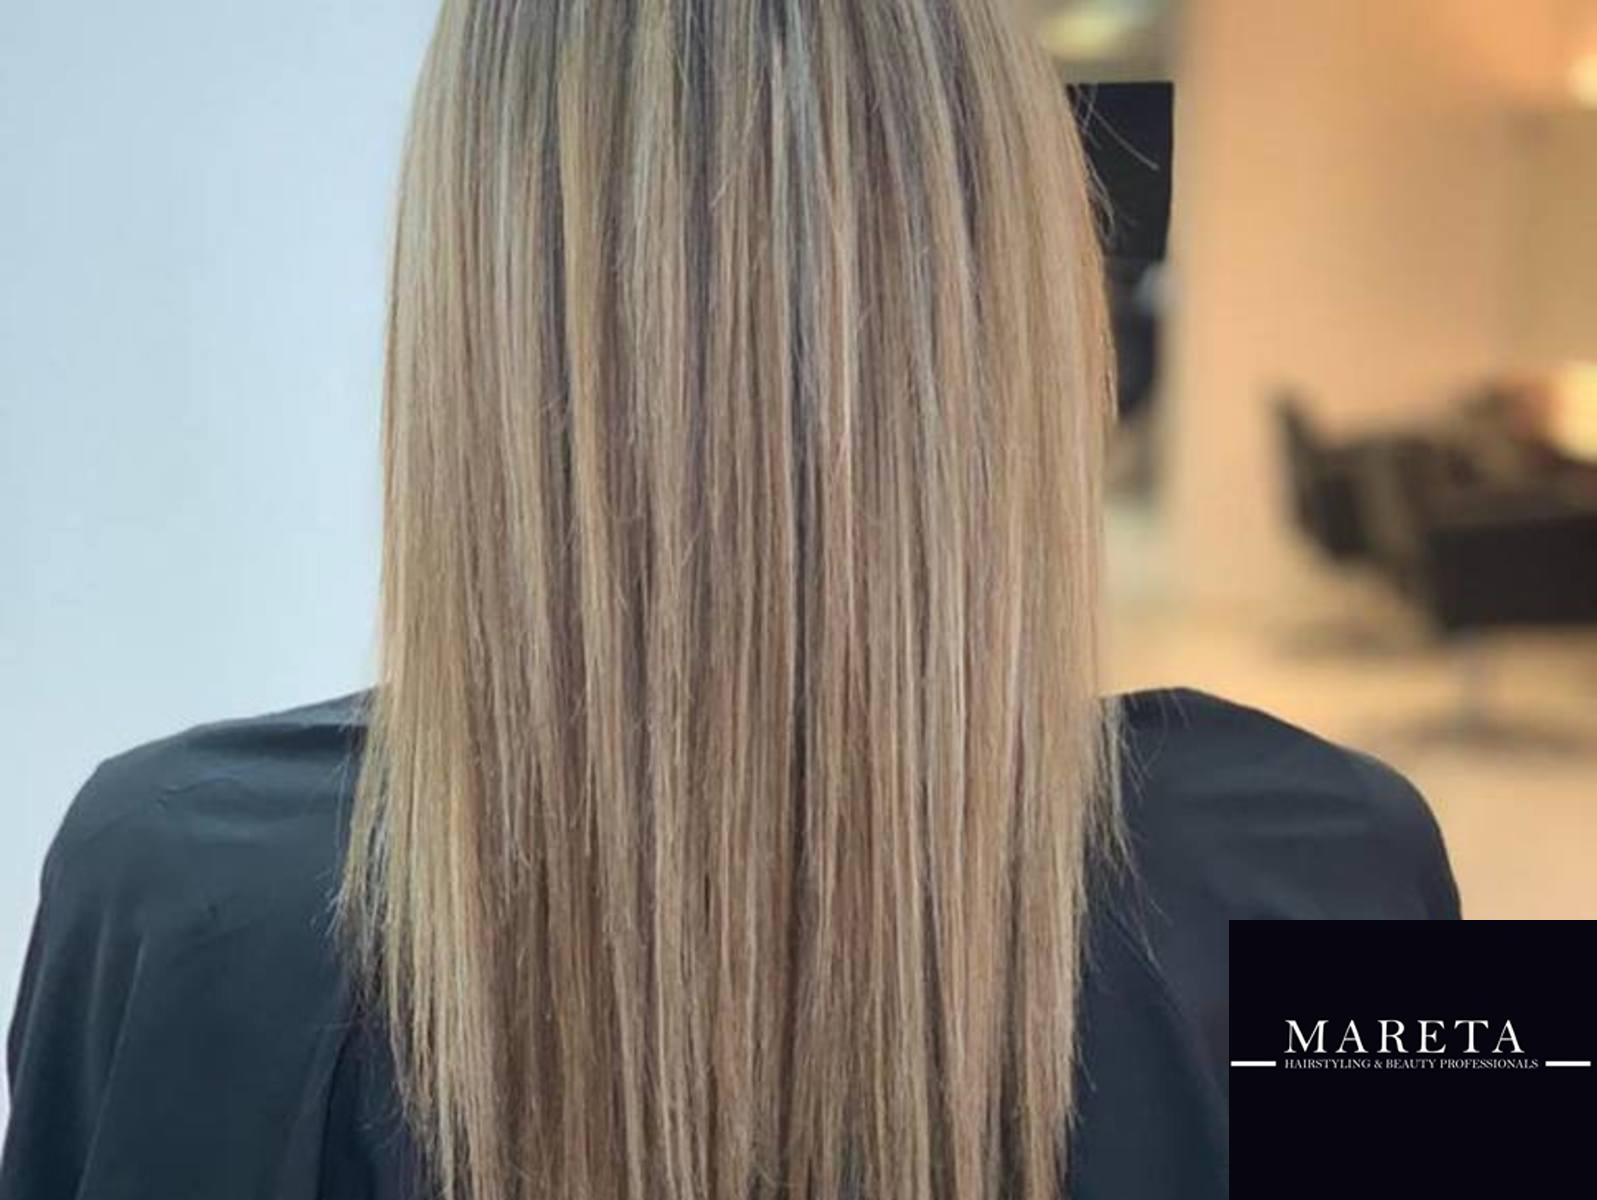 Coiffure Uccle Bruxelles Mareta Hair